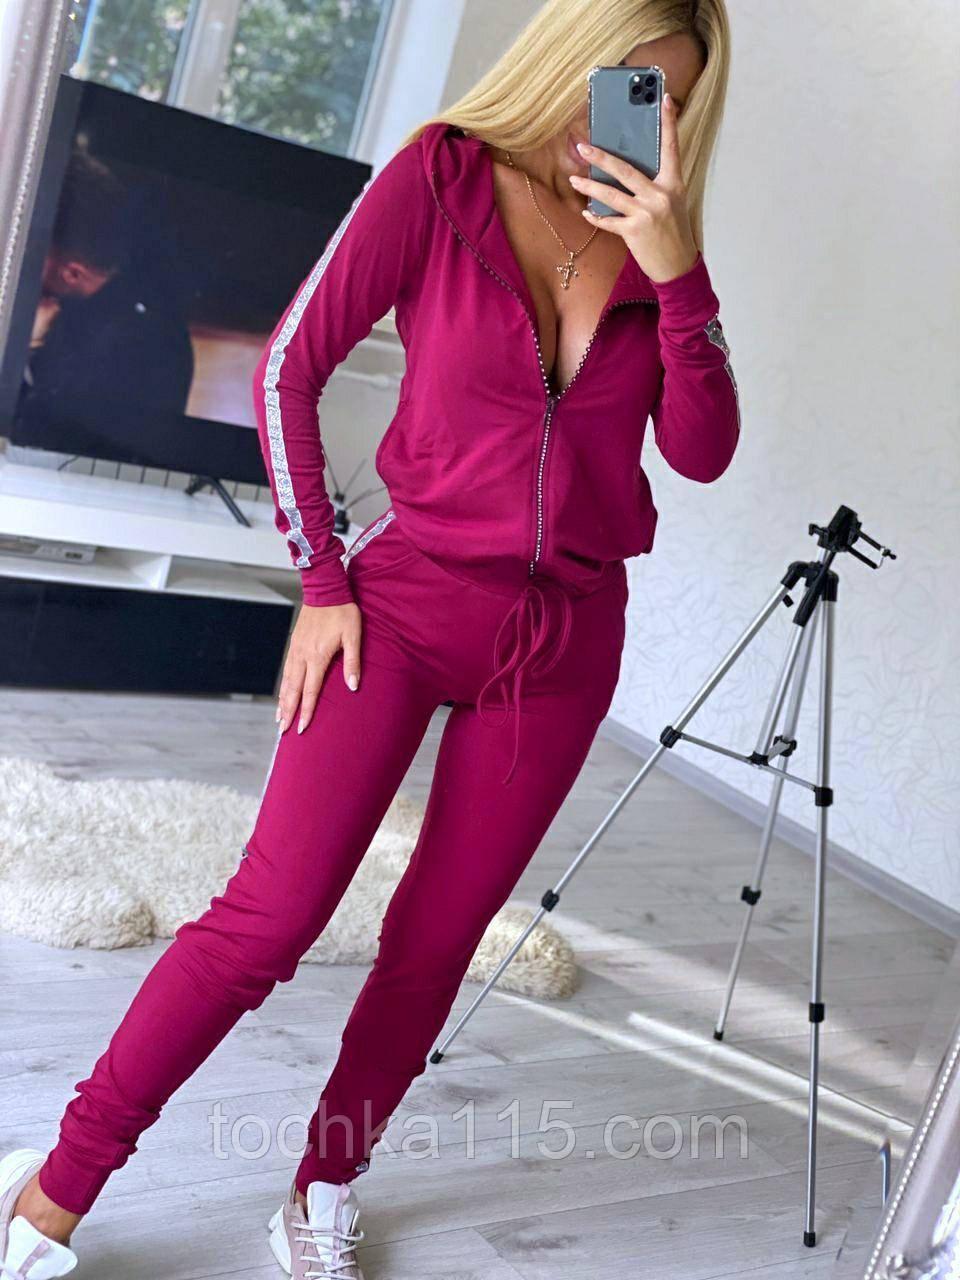 Женский спортивный костюм, костюм для прогулок, S/M/L/XL (бордо)